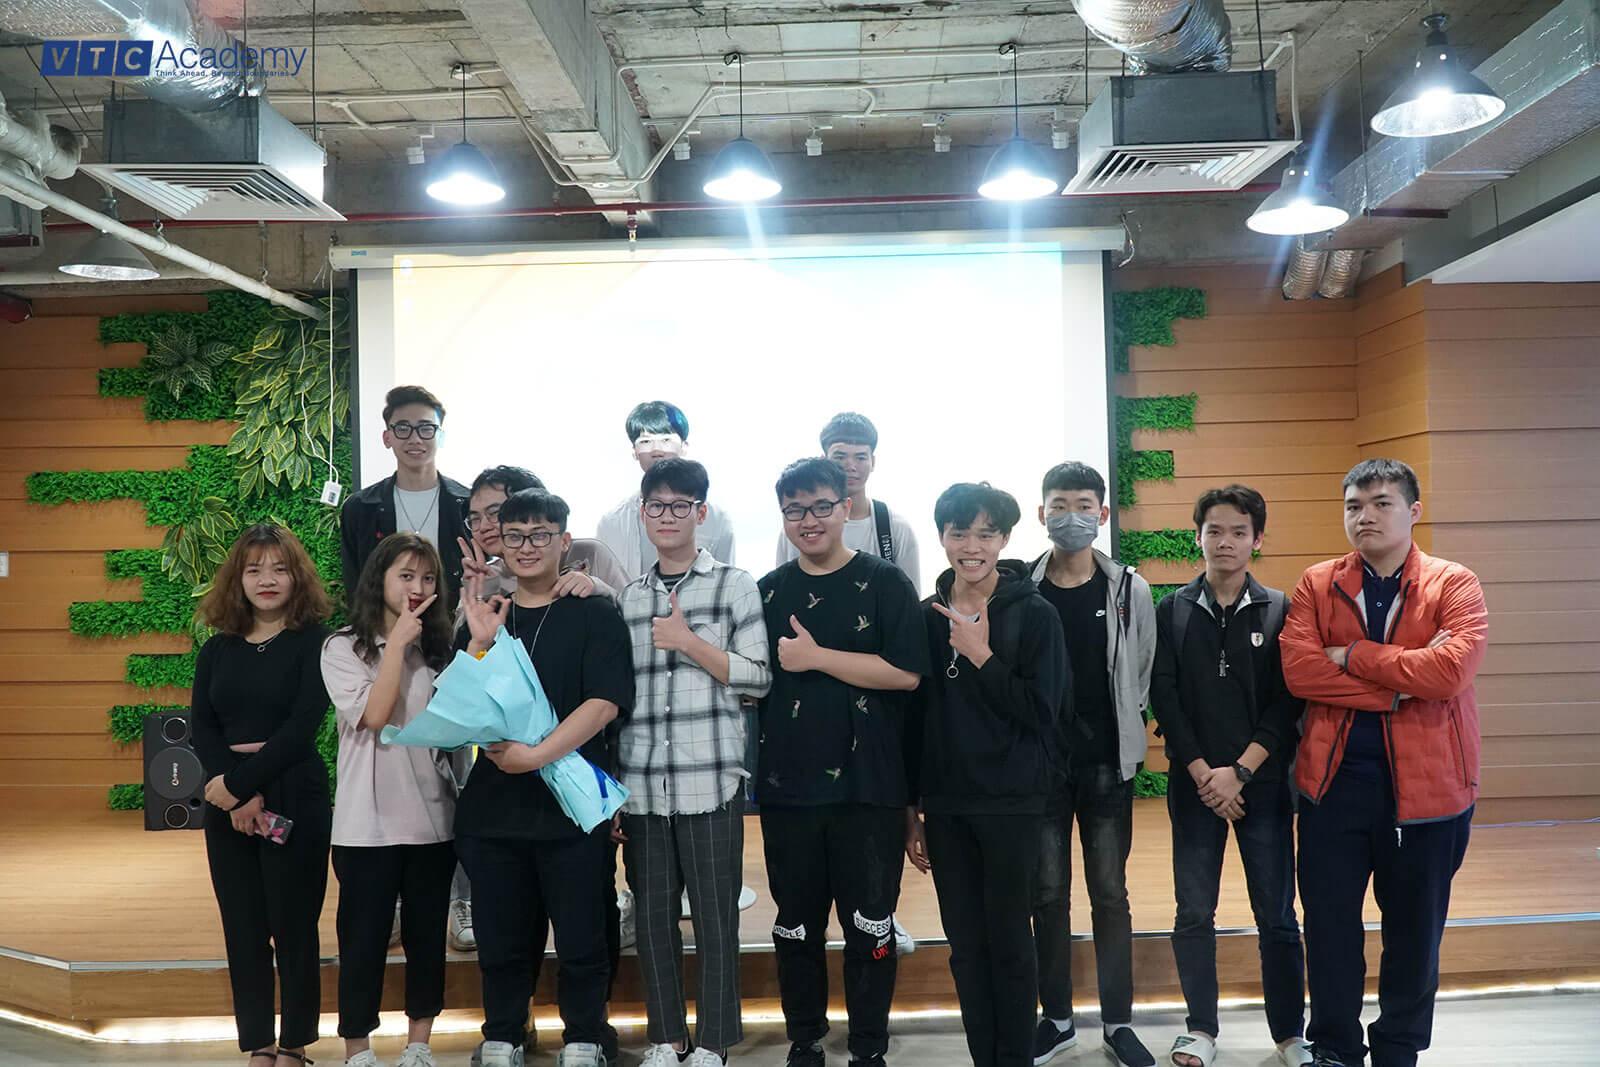 """VTC Academy Hà Nội tổ chức talkshow """"Câu chuyện của tôi"""" cho học viên ngành lập trình"""